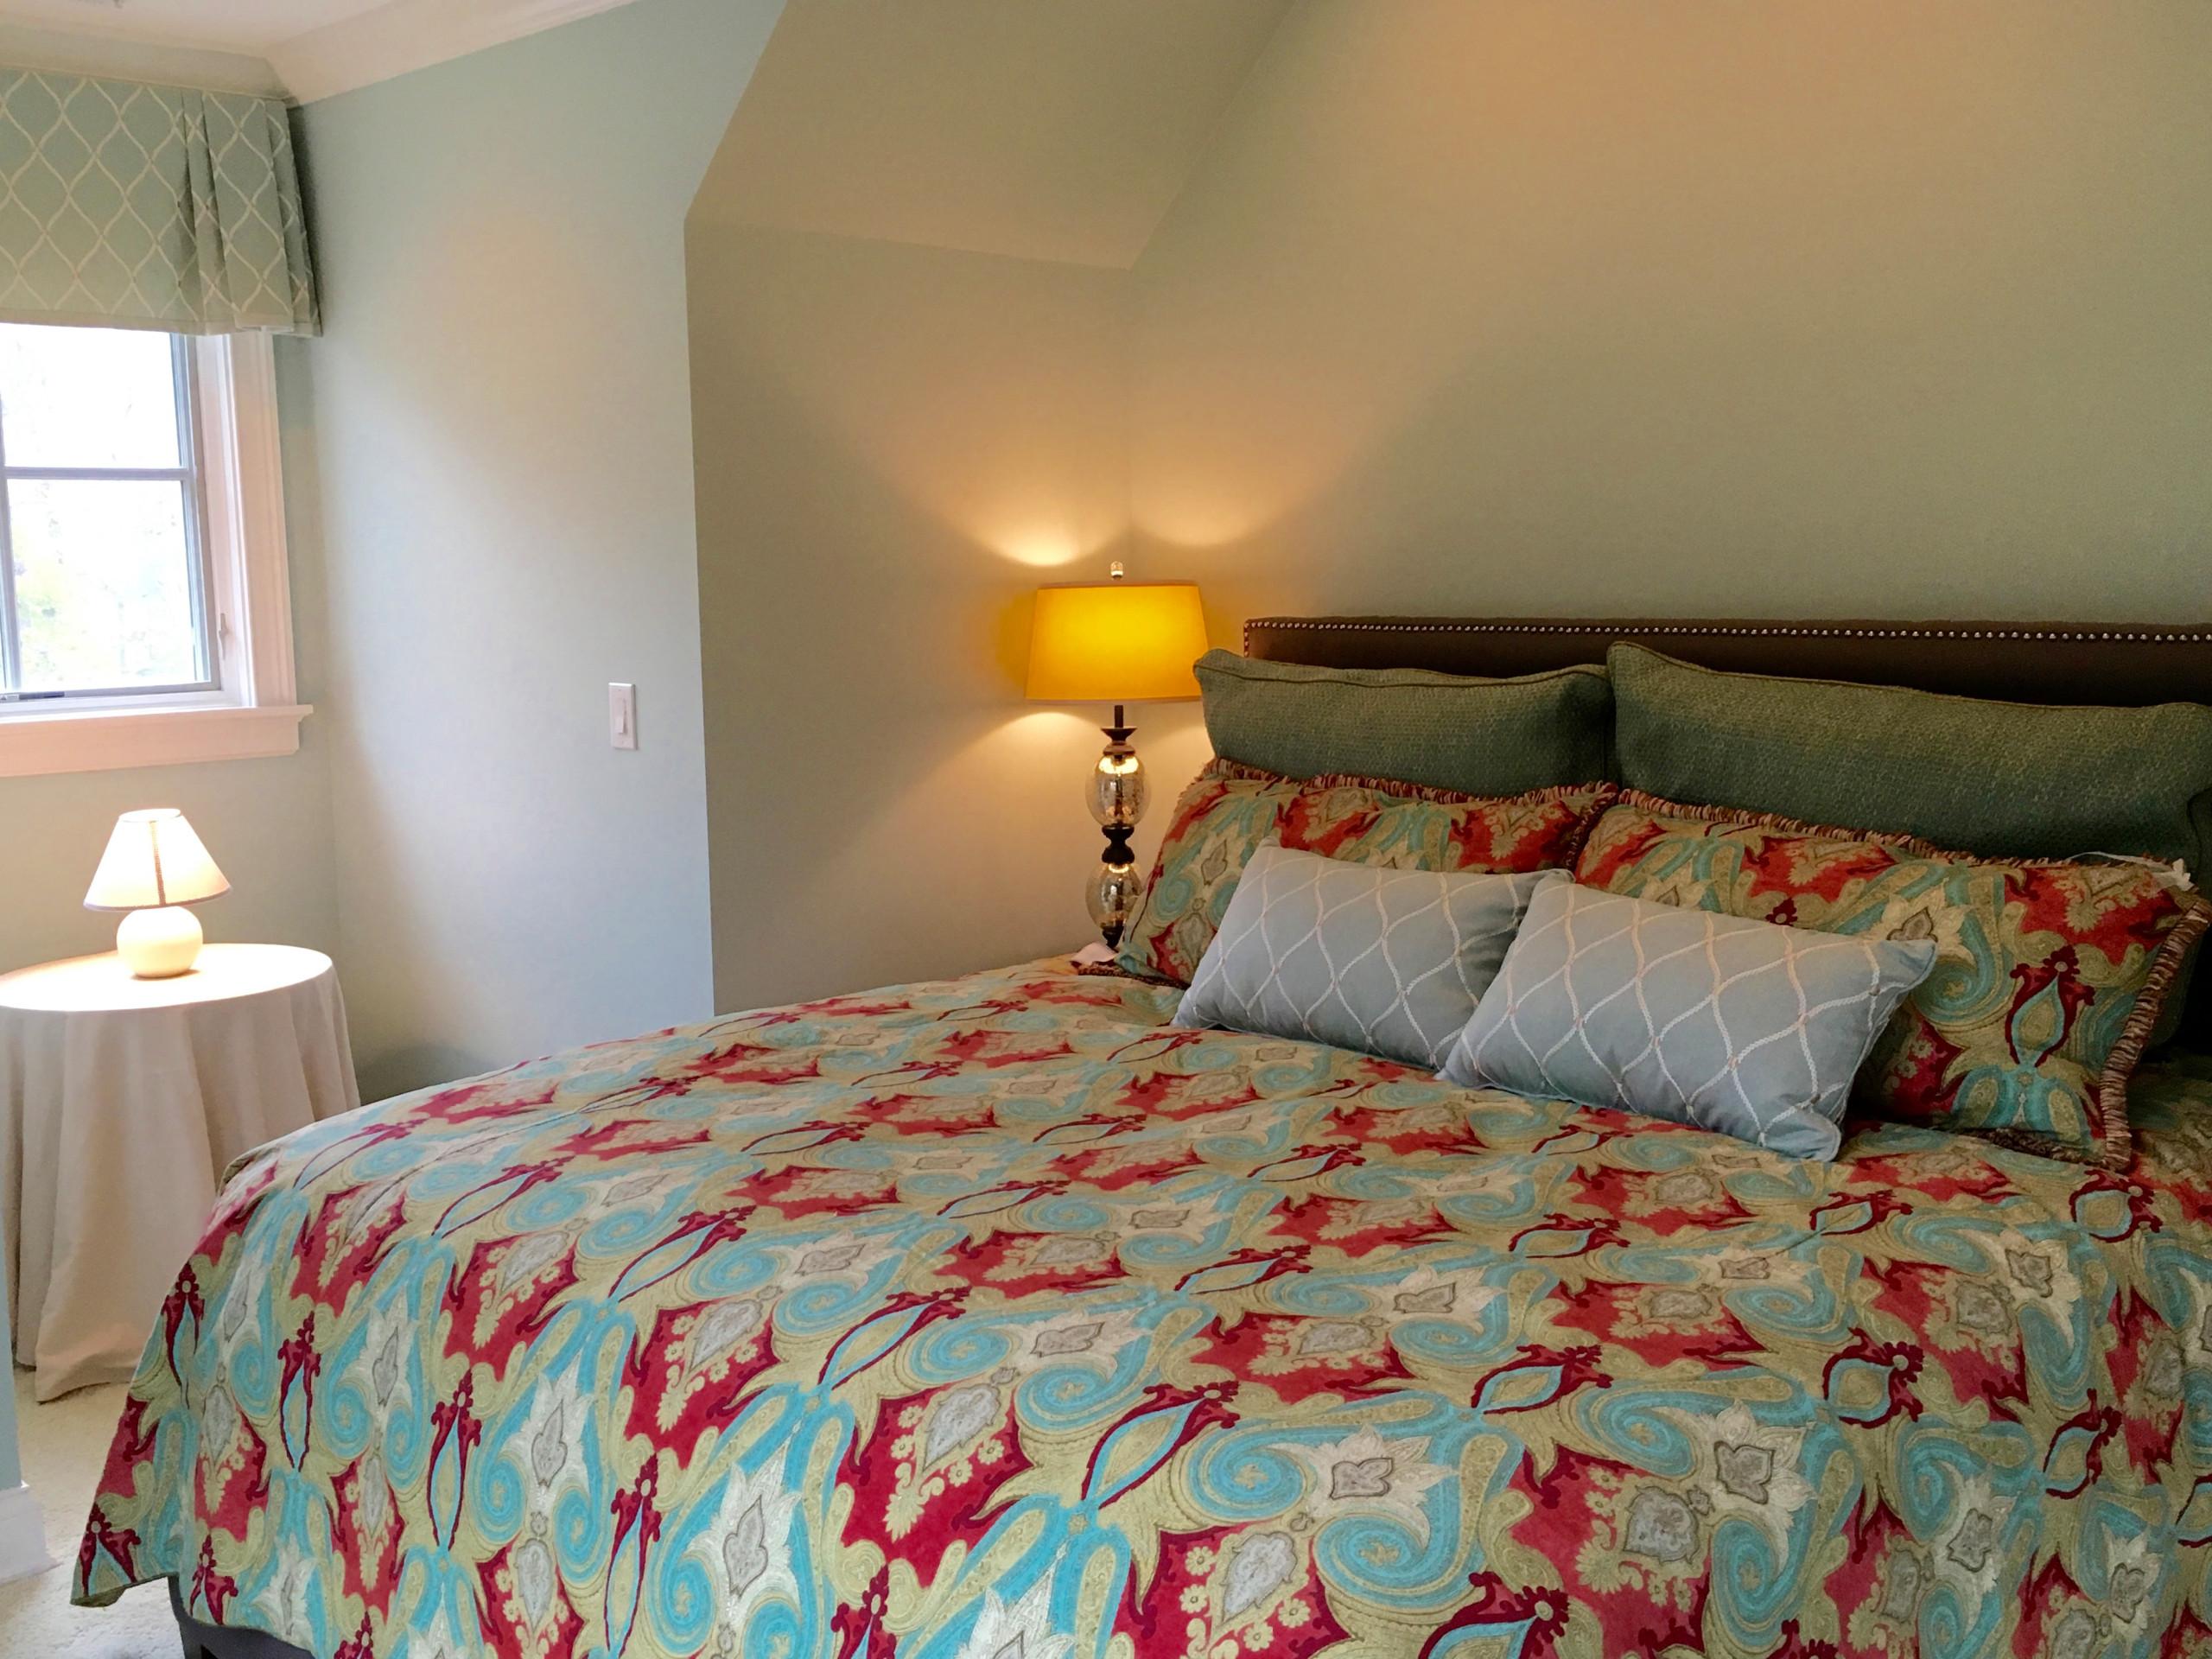 1 bedroom Loft apartment